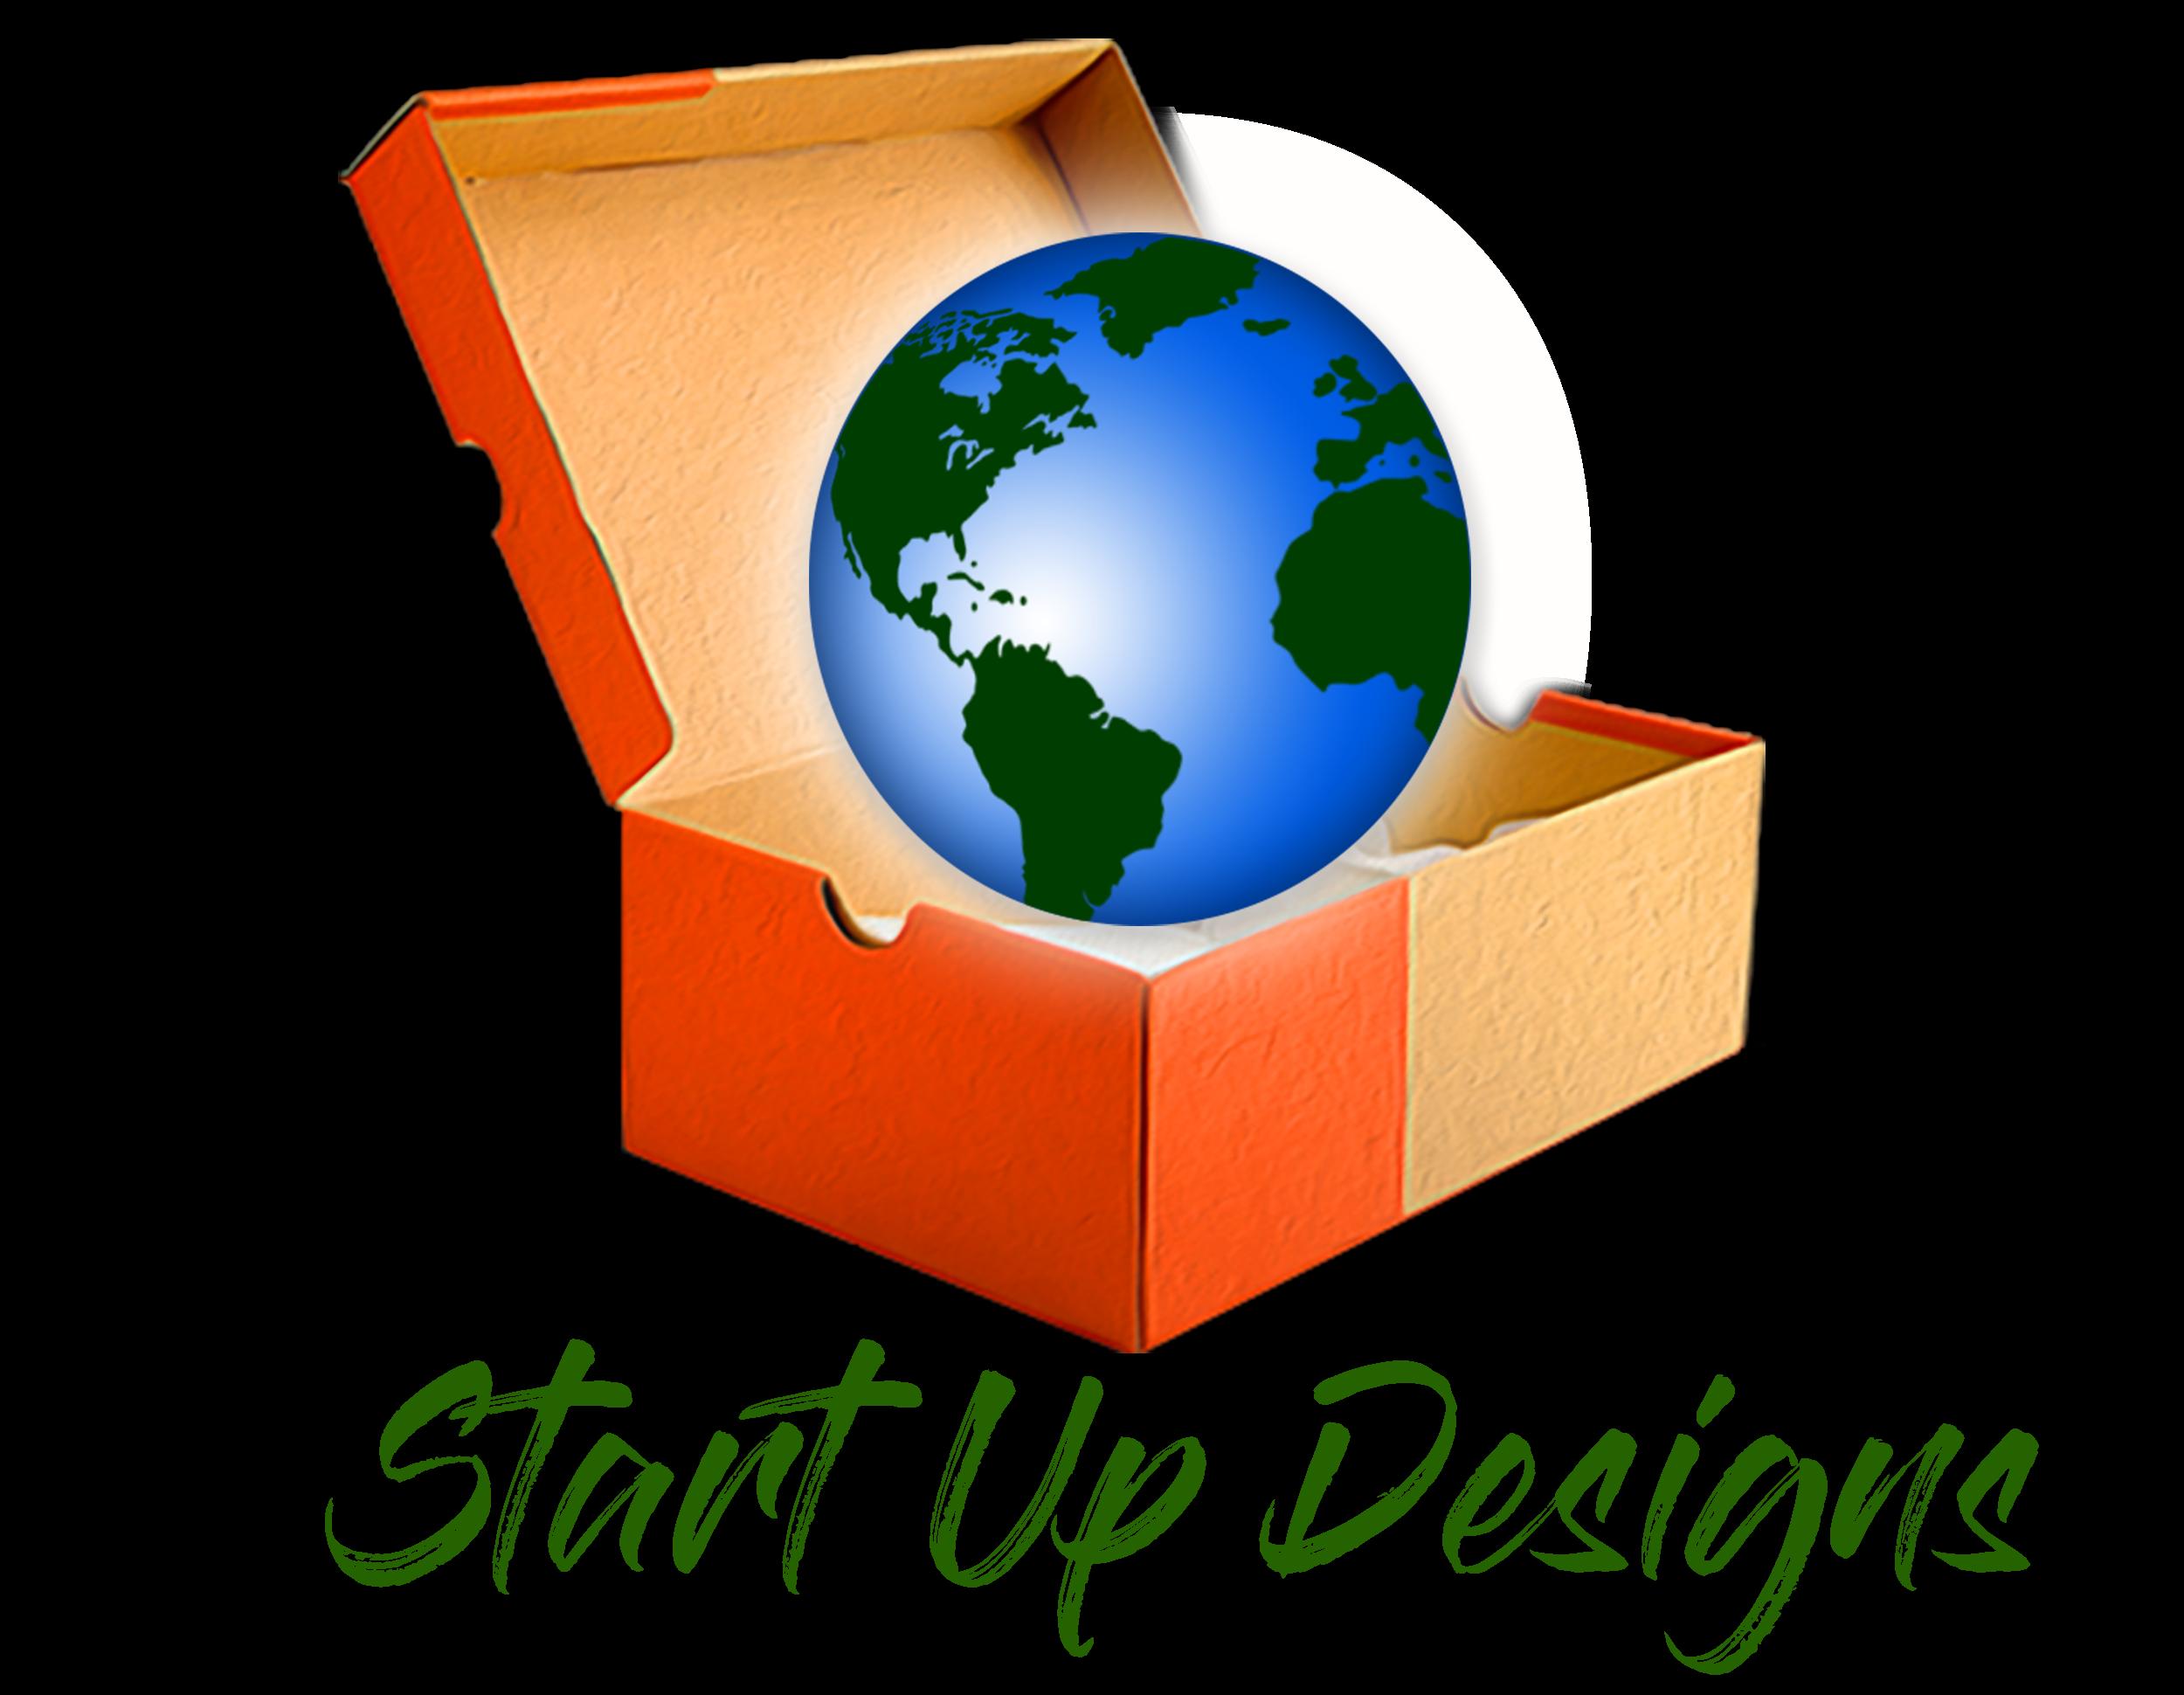 Start Up Designs